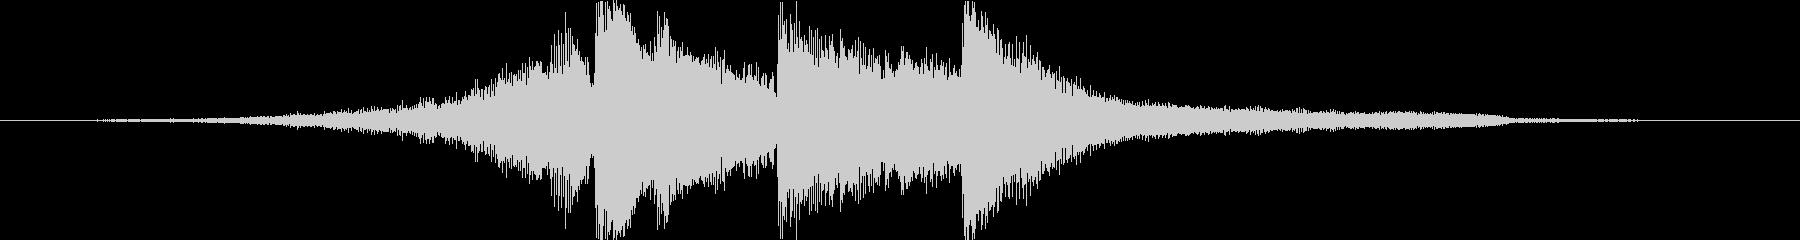 アコギとピアノで奏でるジングル#4の未再生の波形